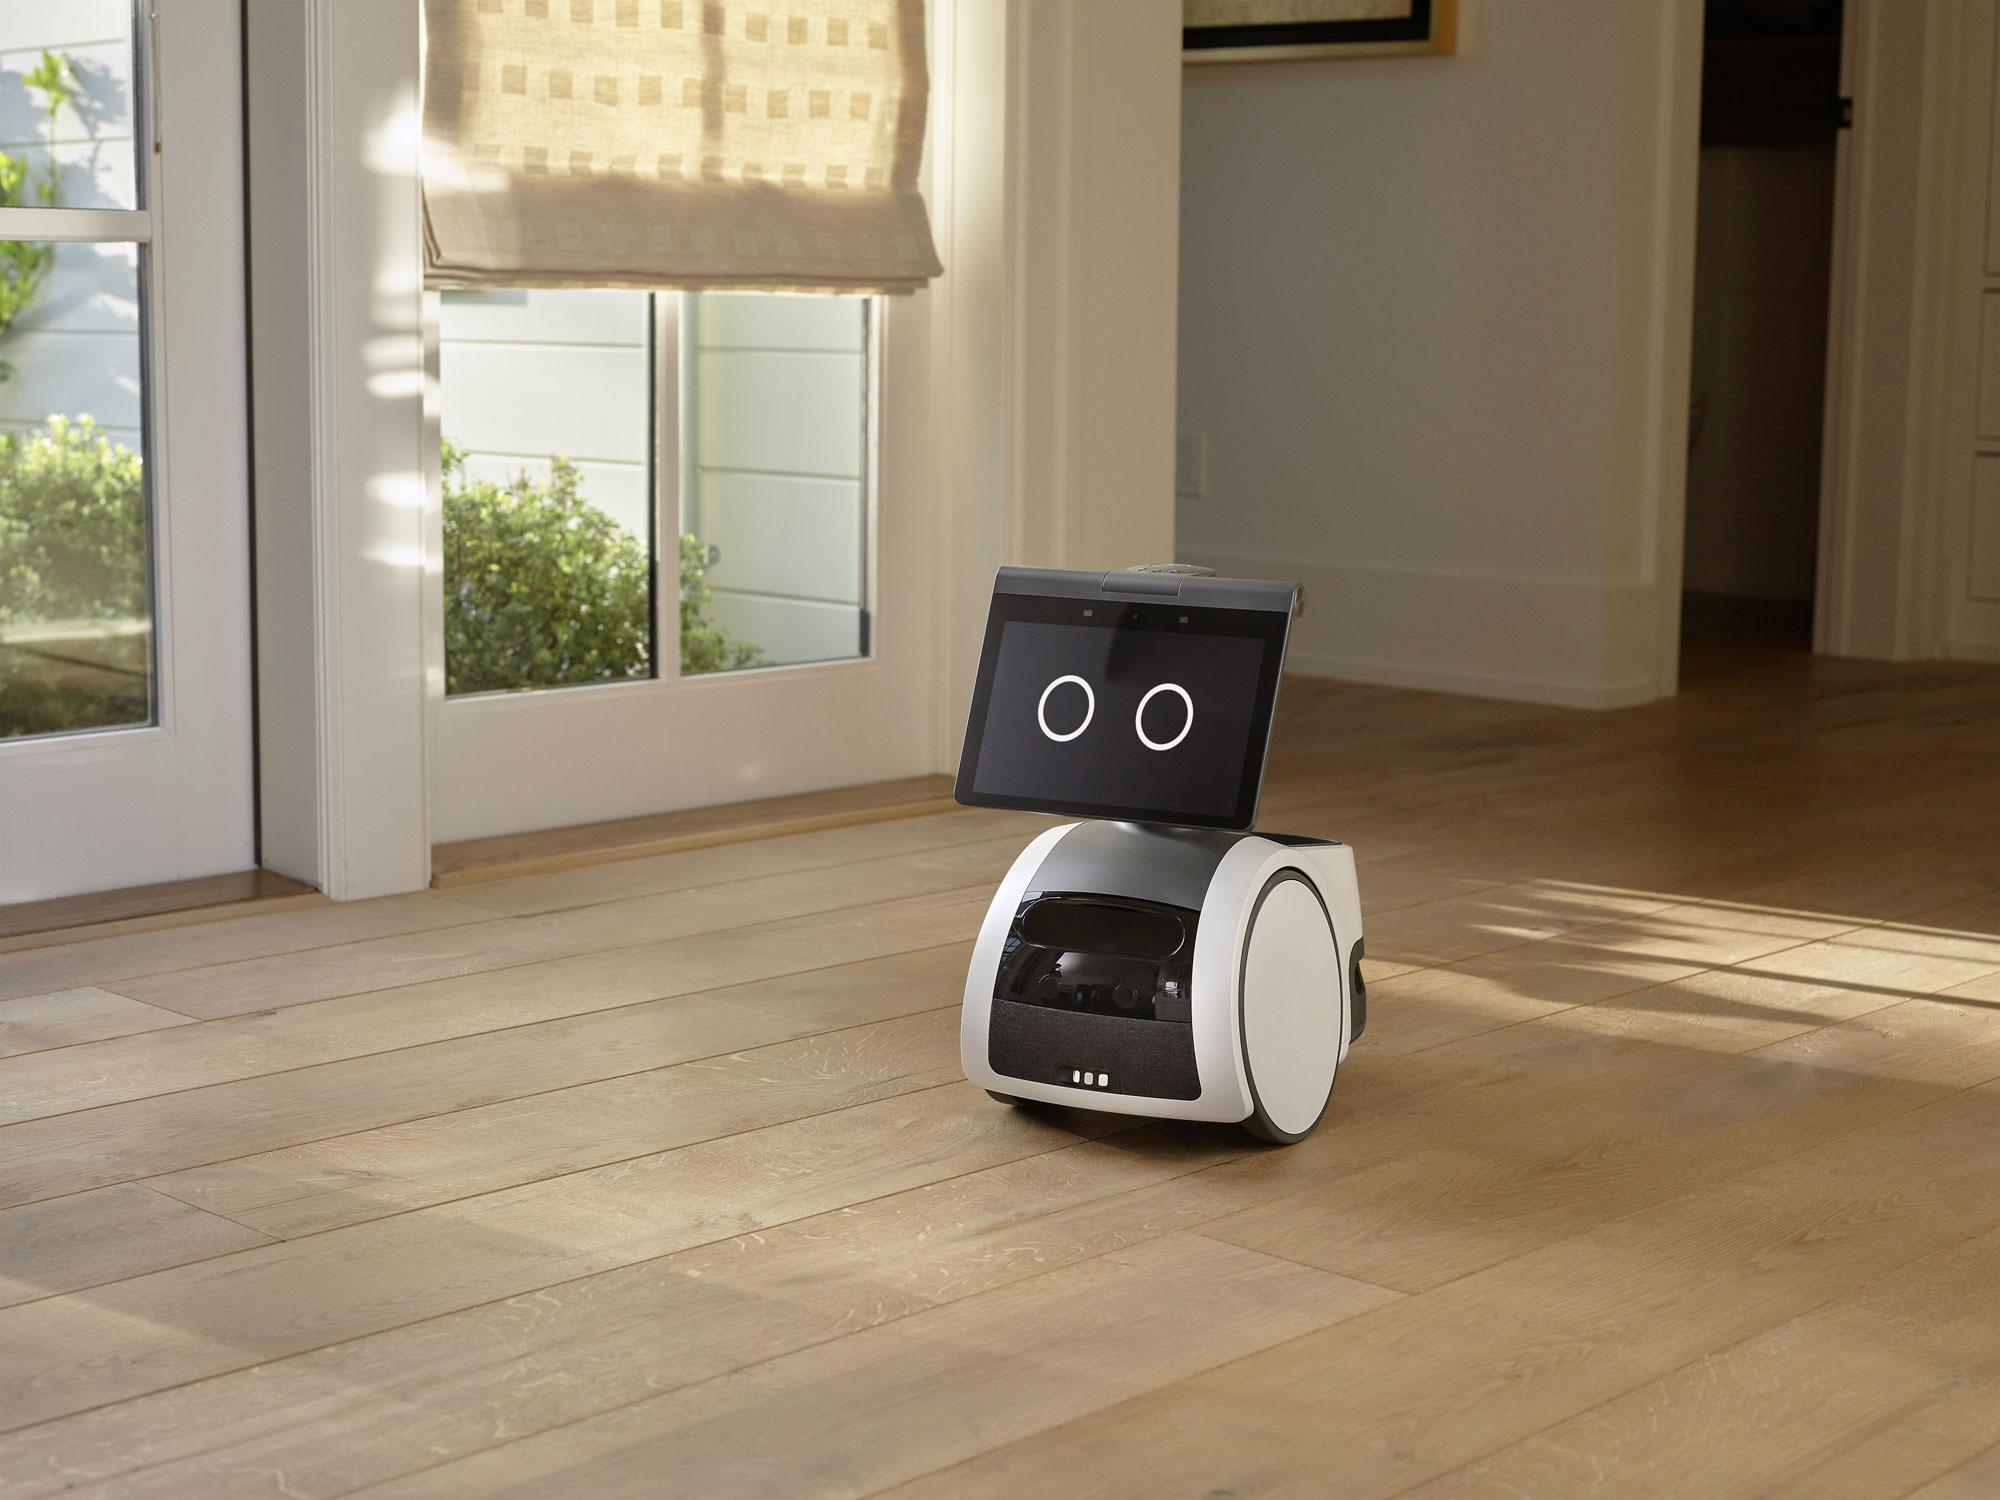 Amazon Astro è il primo robot autonomo per la casa! Ti segue, parla con te e sorveglia la casa